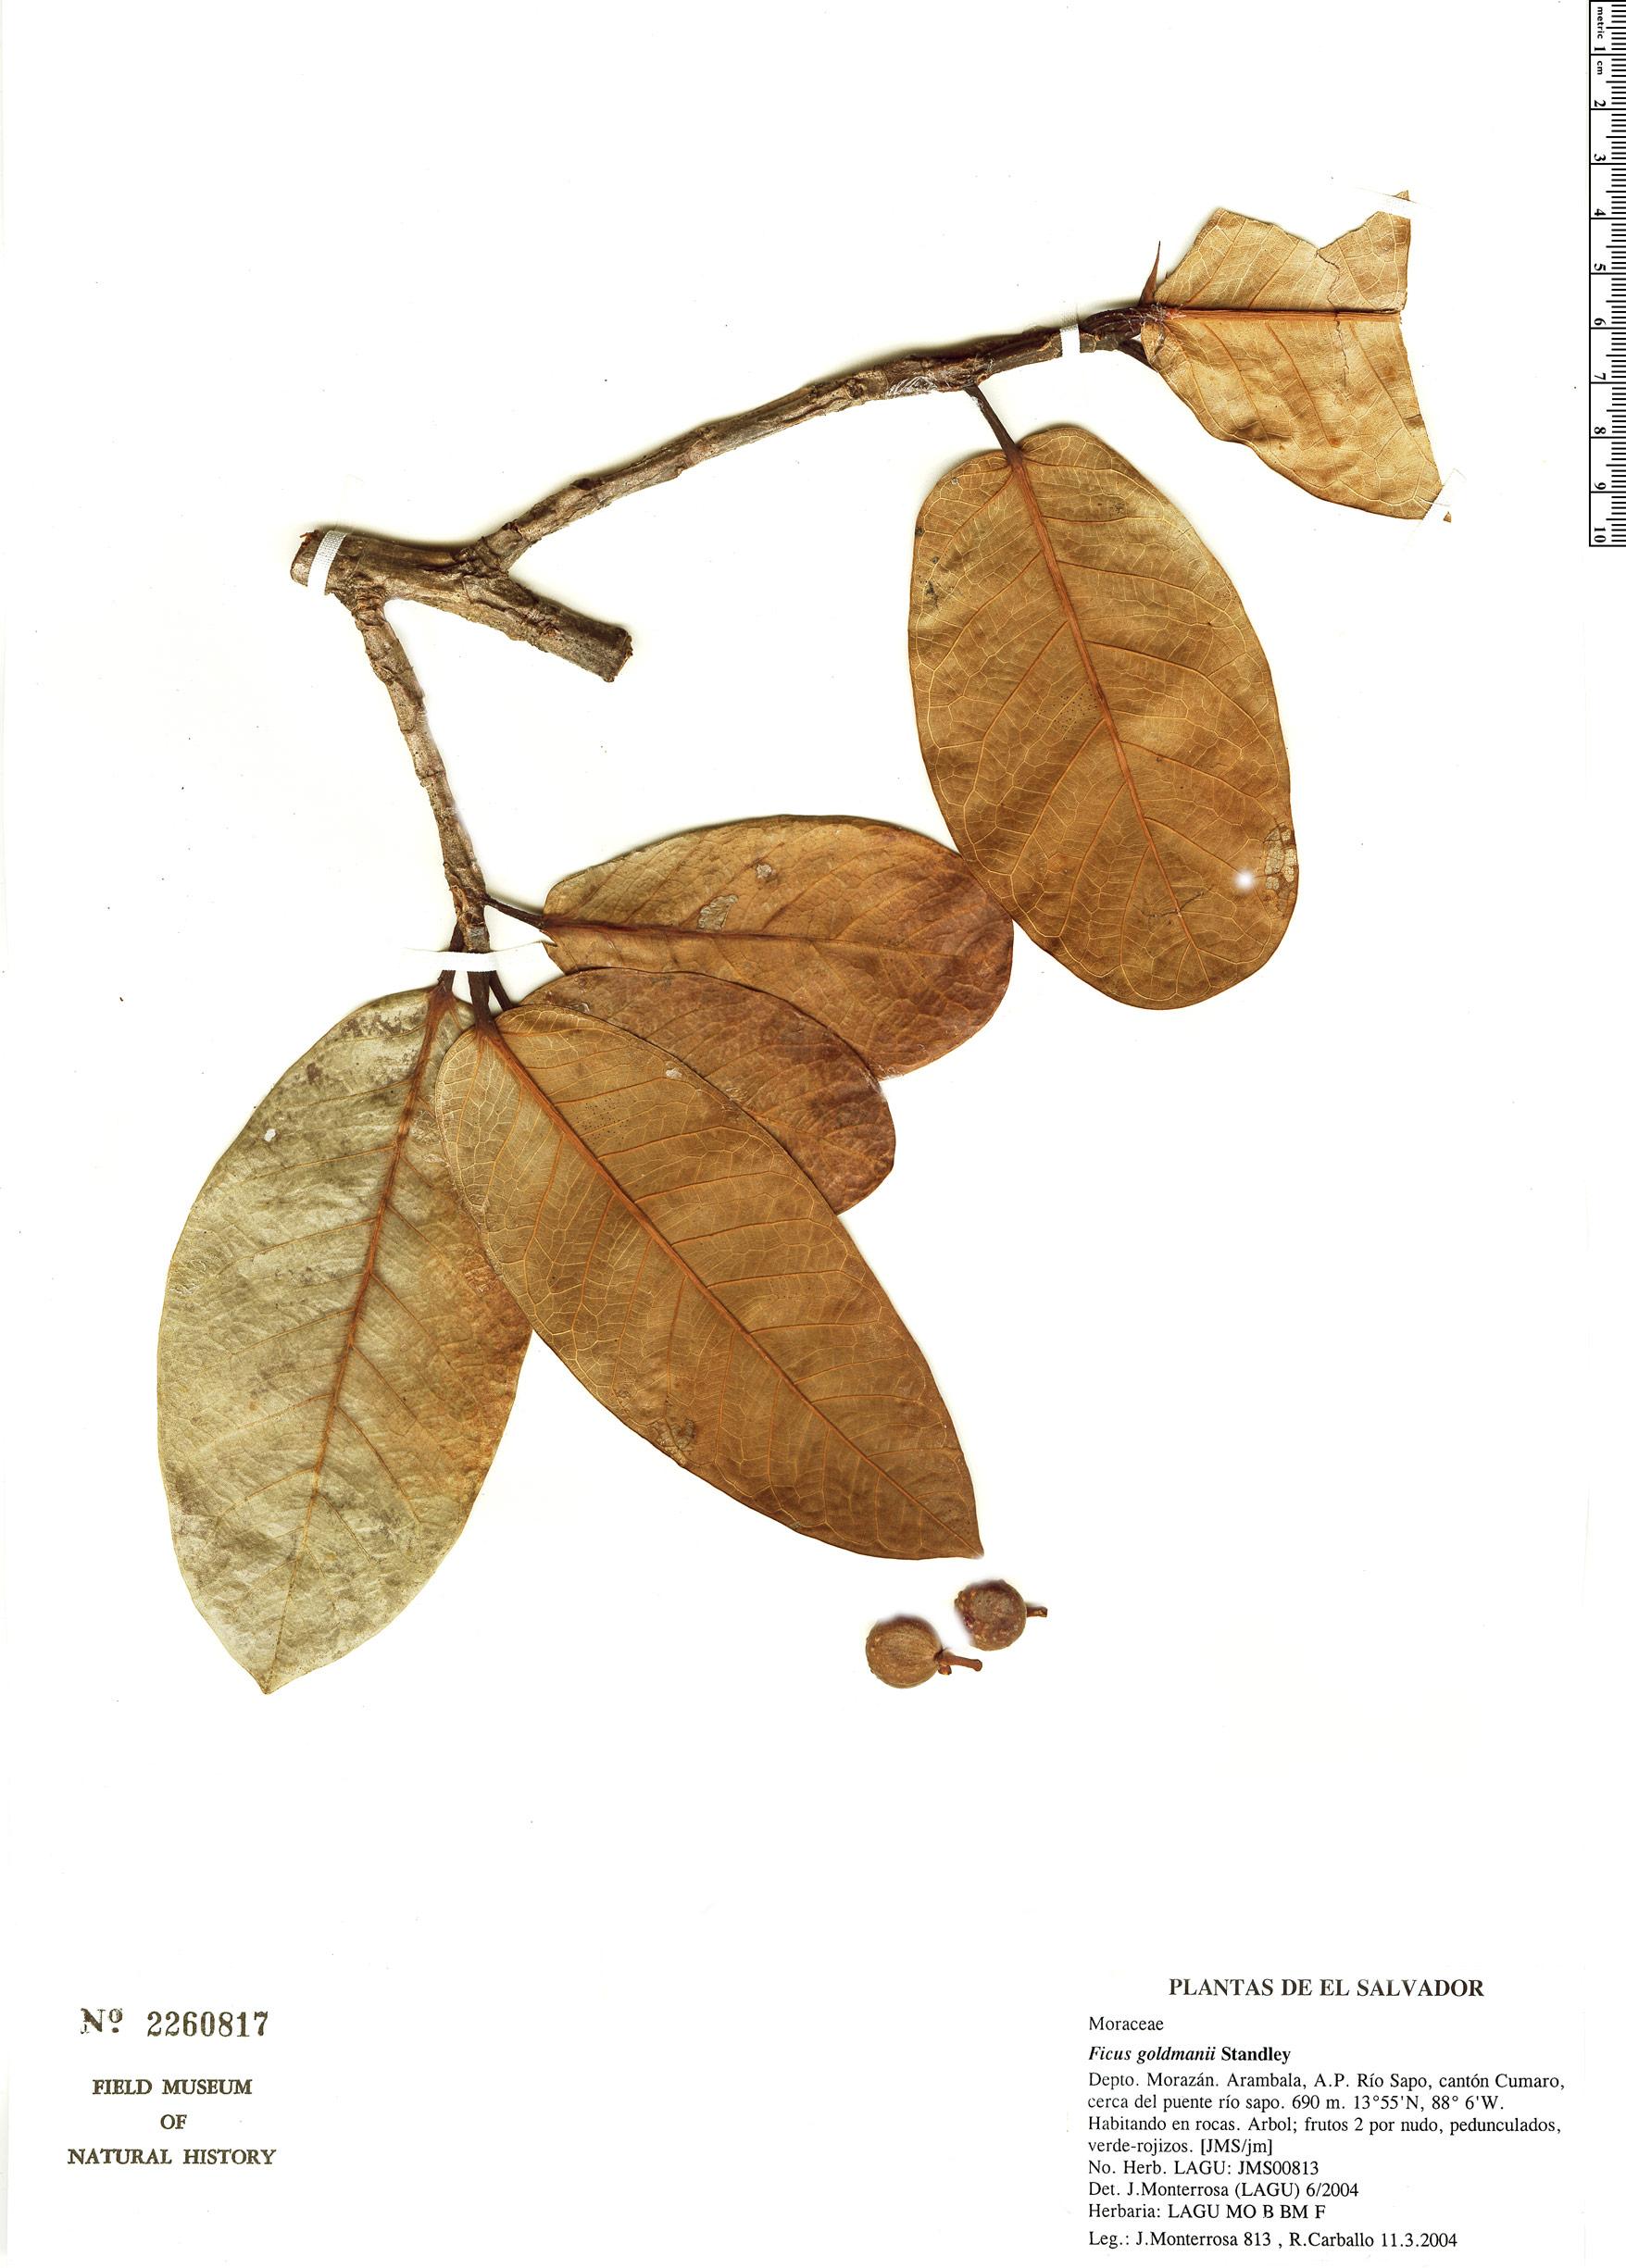 Specimen: Ficus goldmanii